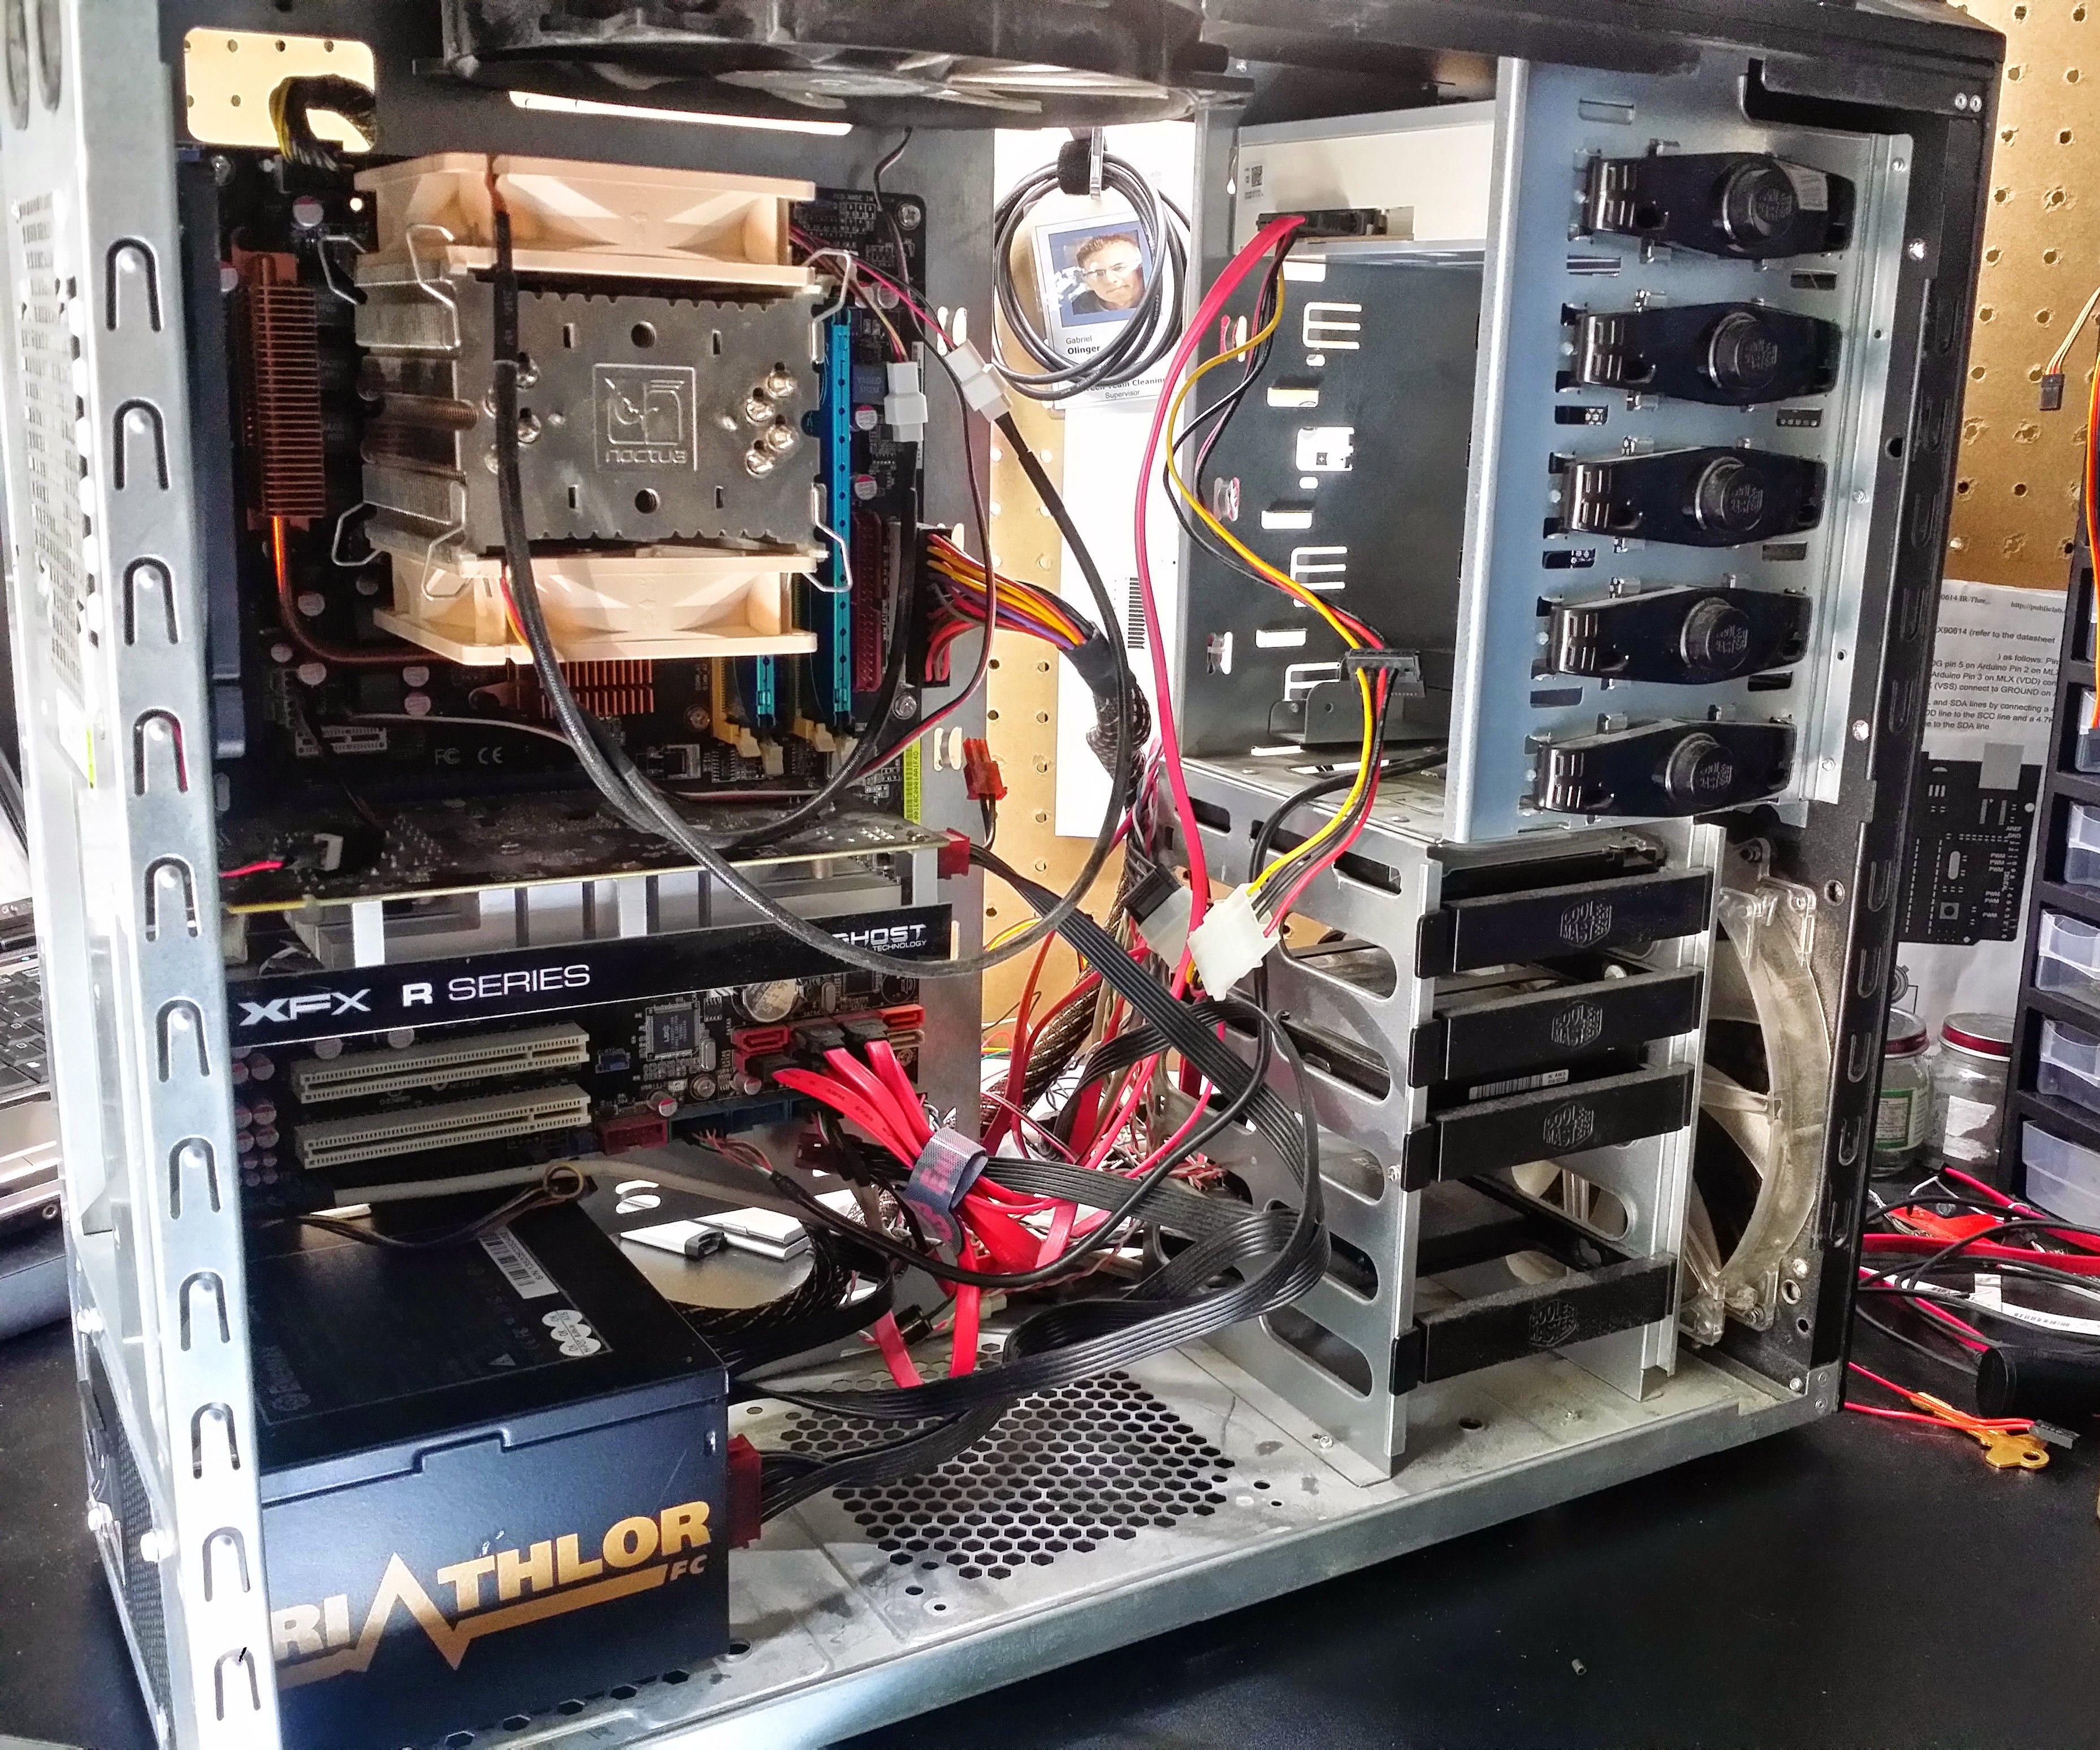 PC Desktop Cable Management